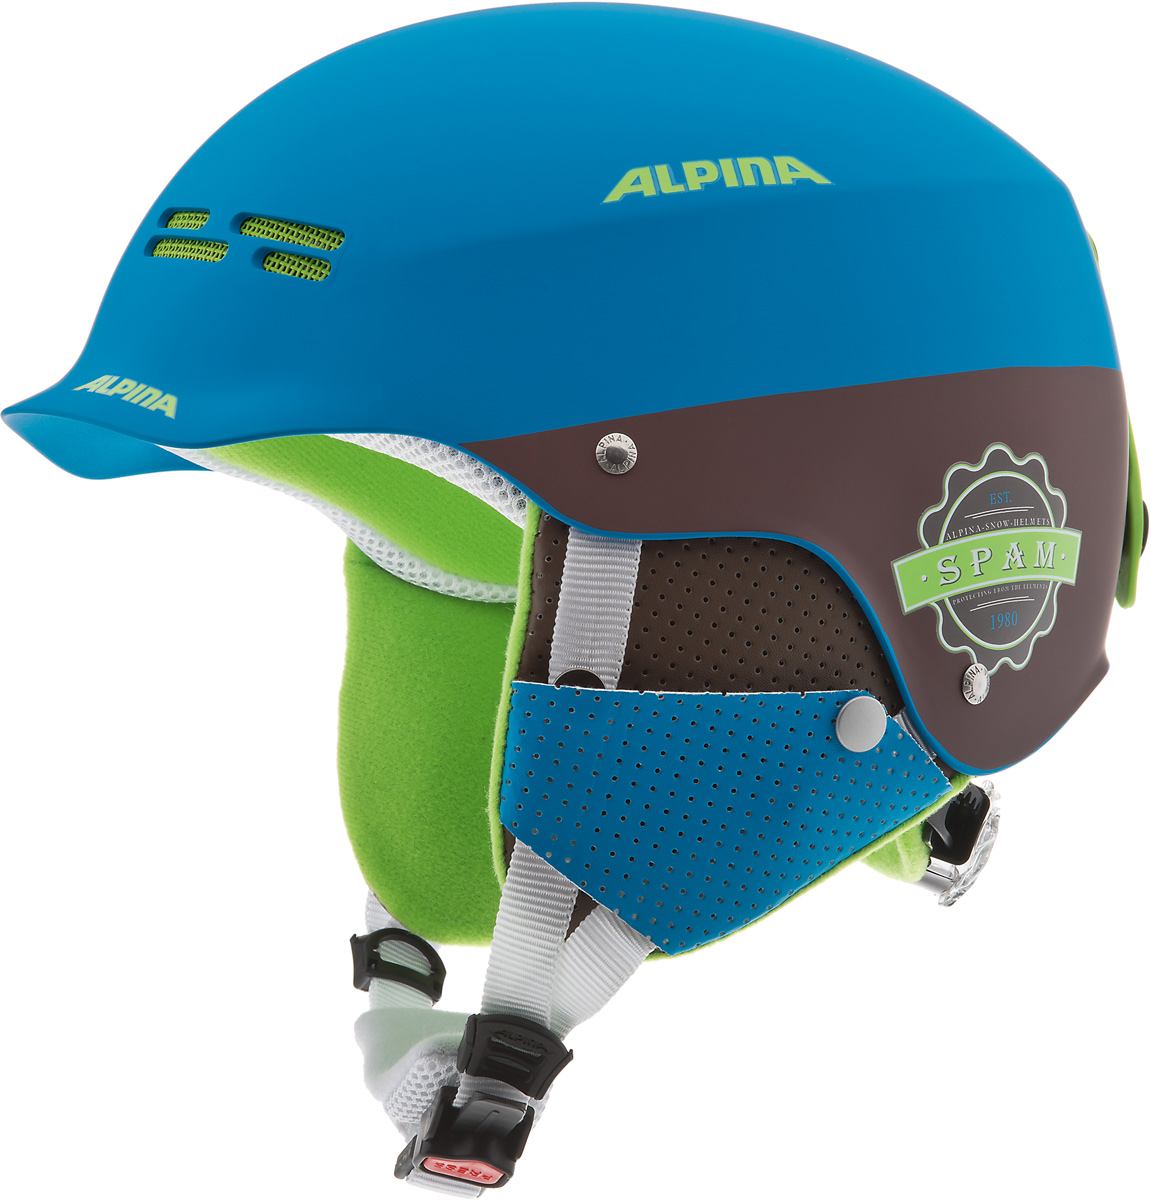 Шлем горнолыжный детский Alpina  Spam Cap JR , цвет: синий, коричневый. A9064_83. Размер 50-54 - Горные лыжи